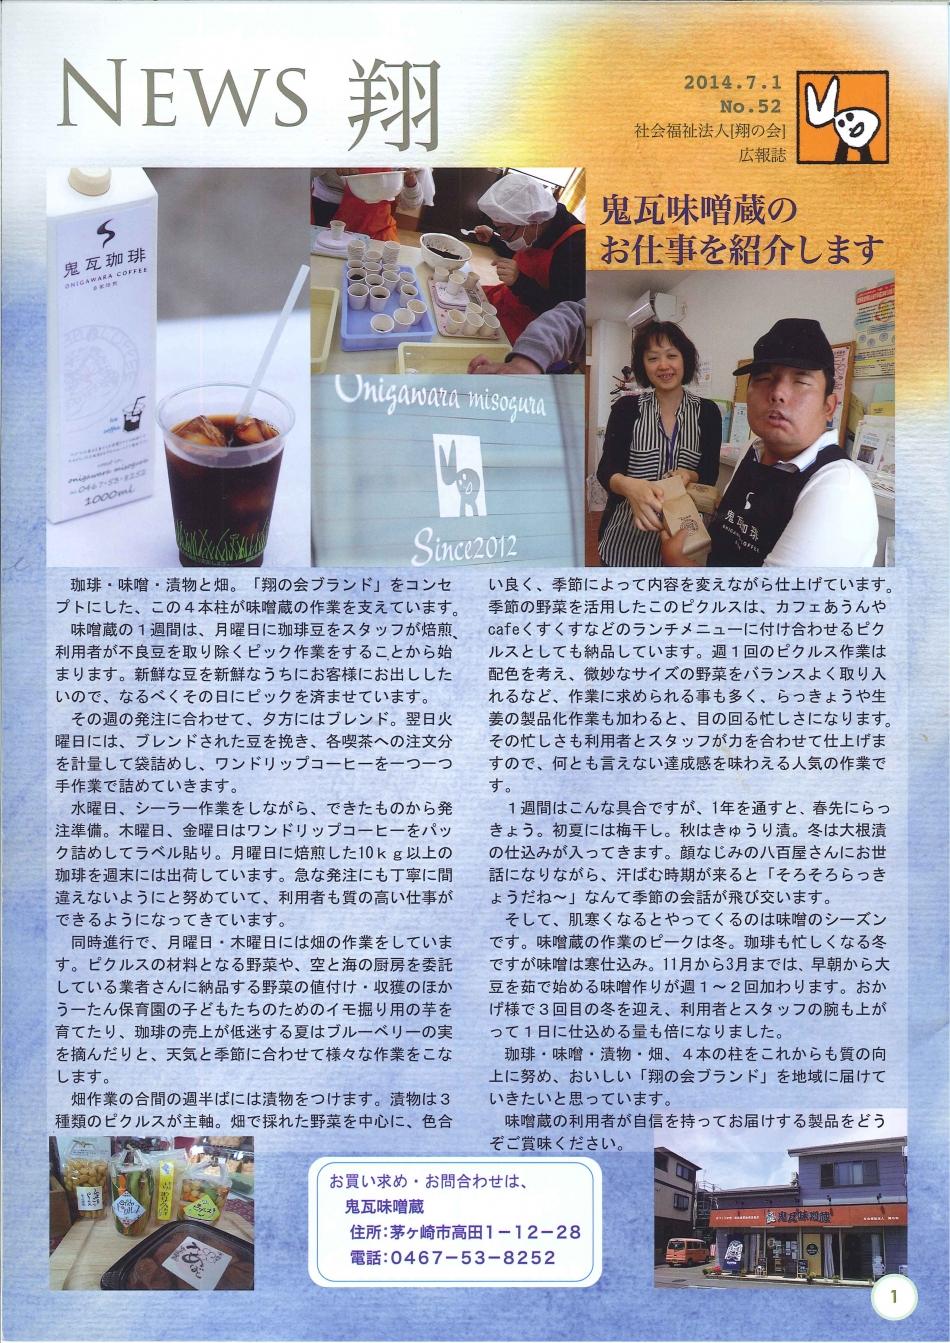 広報誌「NEWS翔」52号